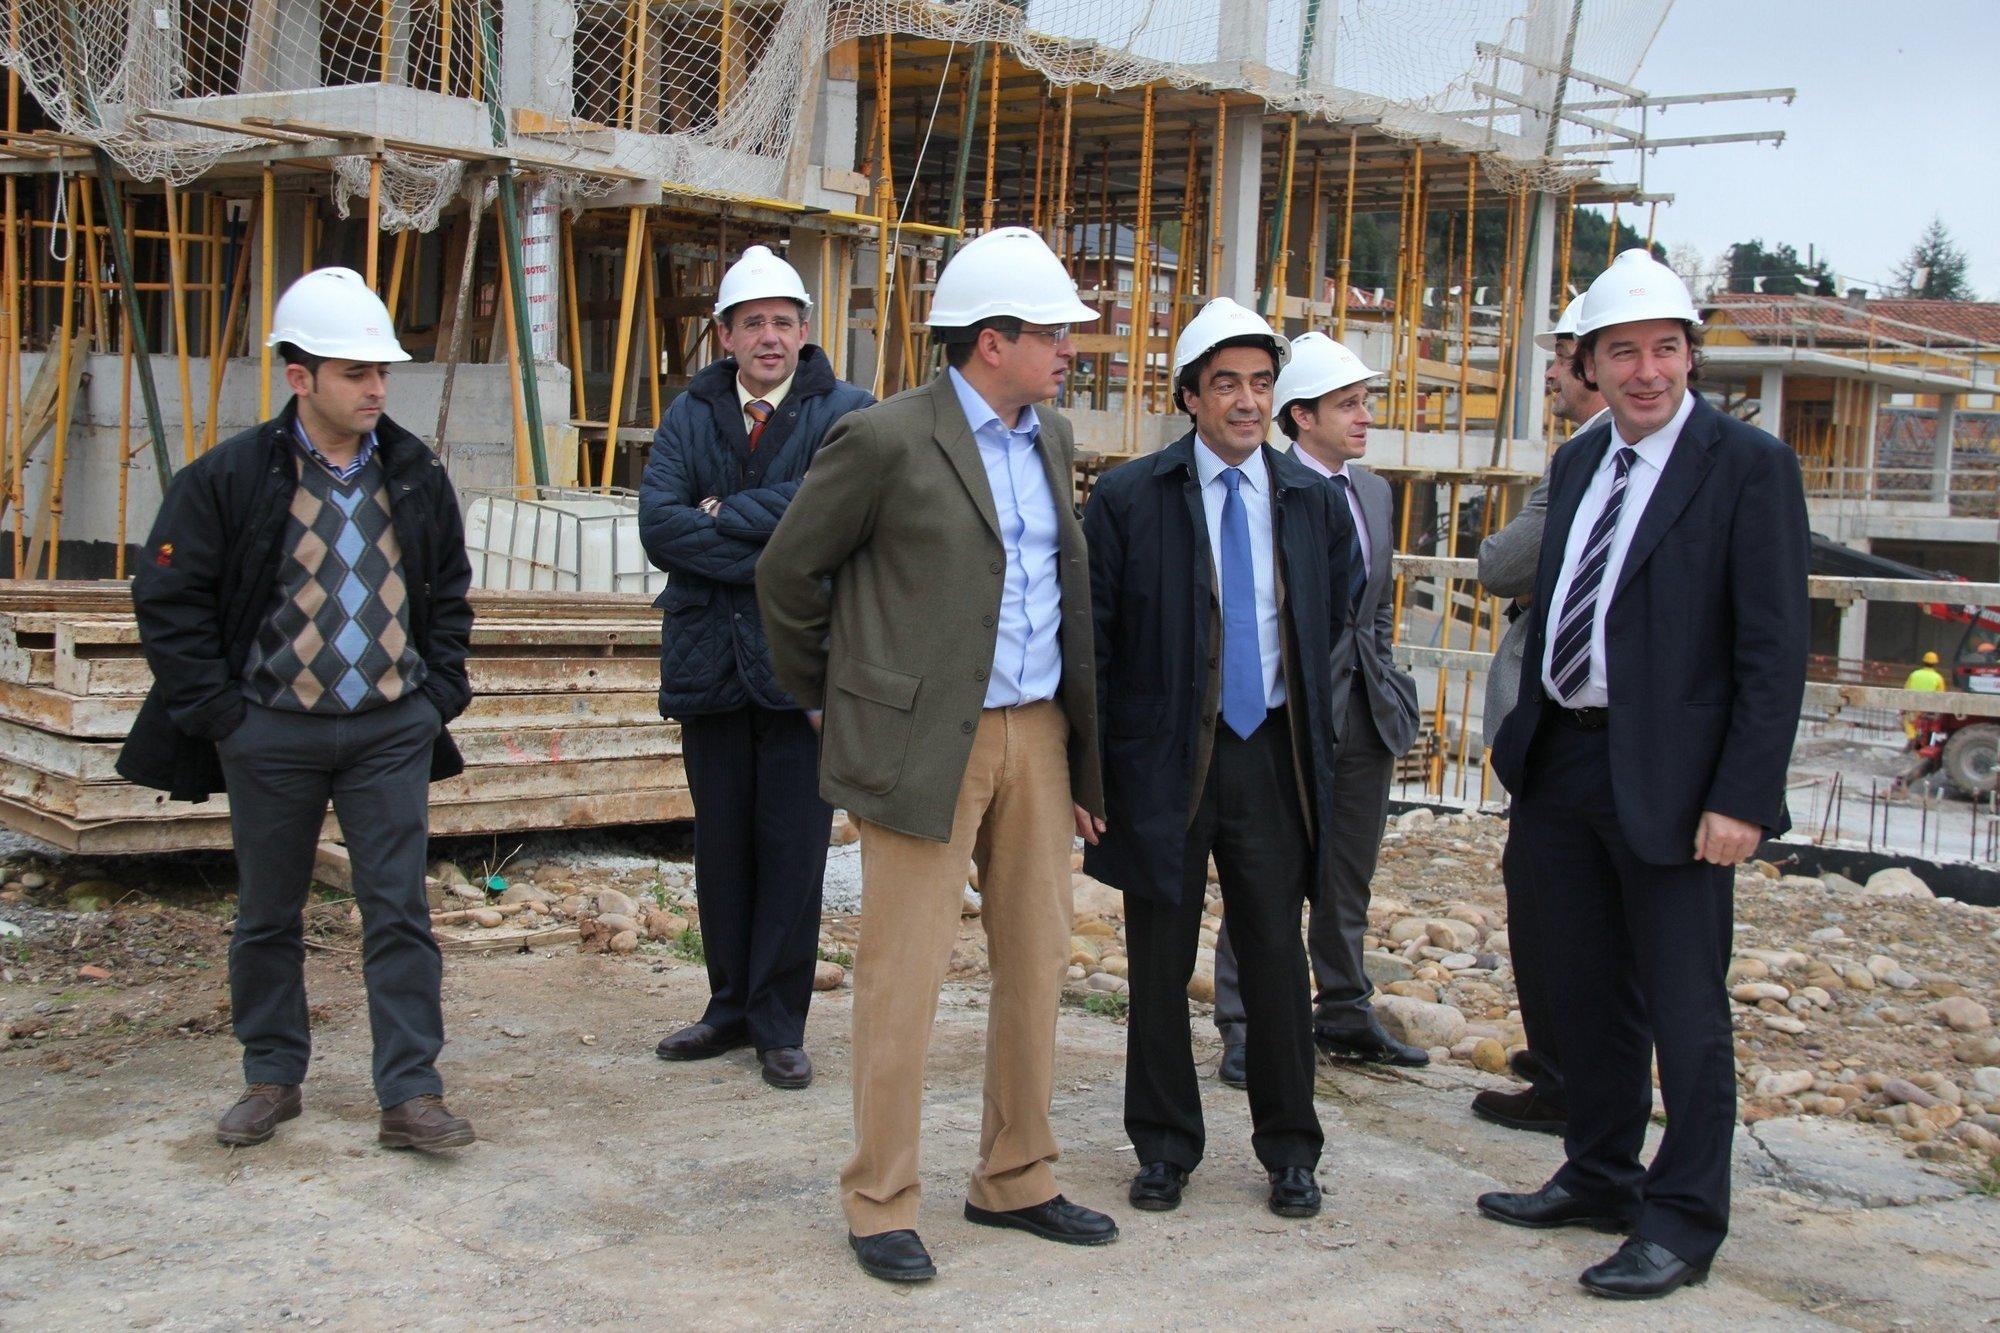 El Gobierno rebaja un 10% el precio de las viviendas de protección oficial promovidas por Gesvican